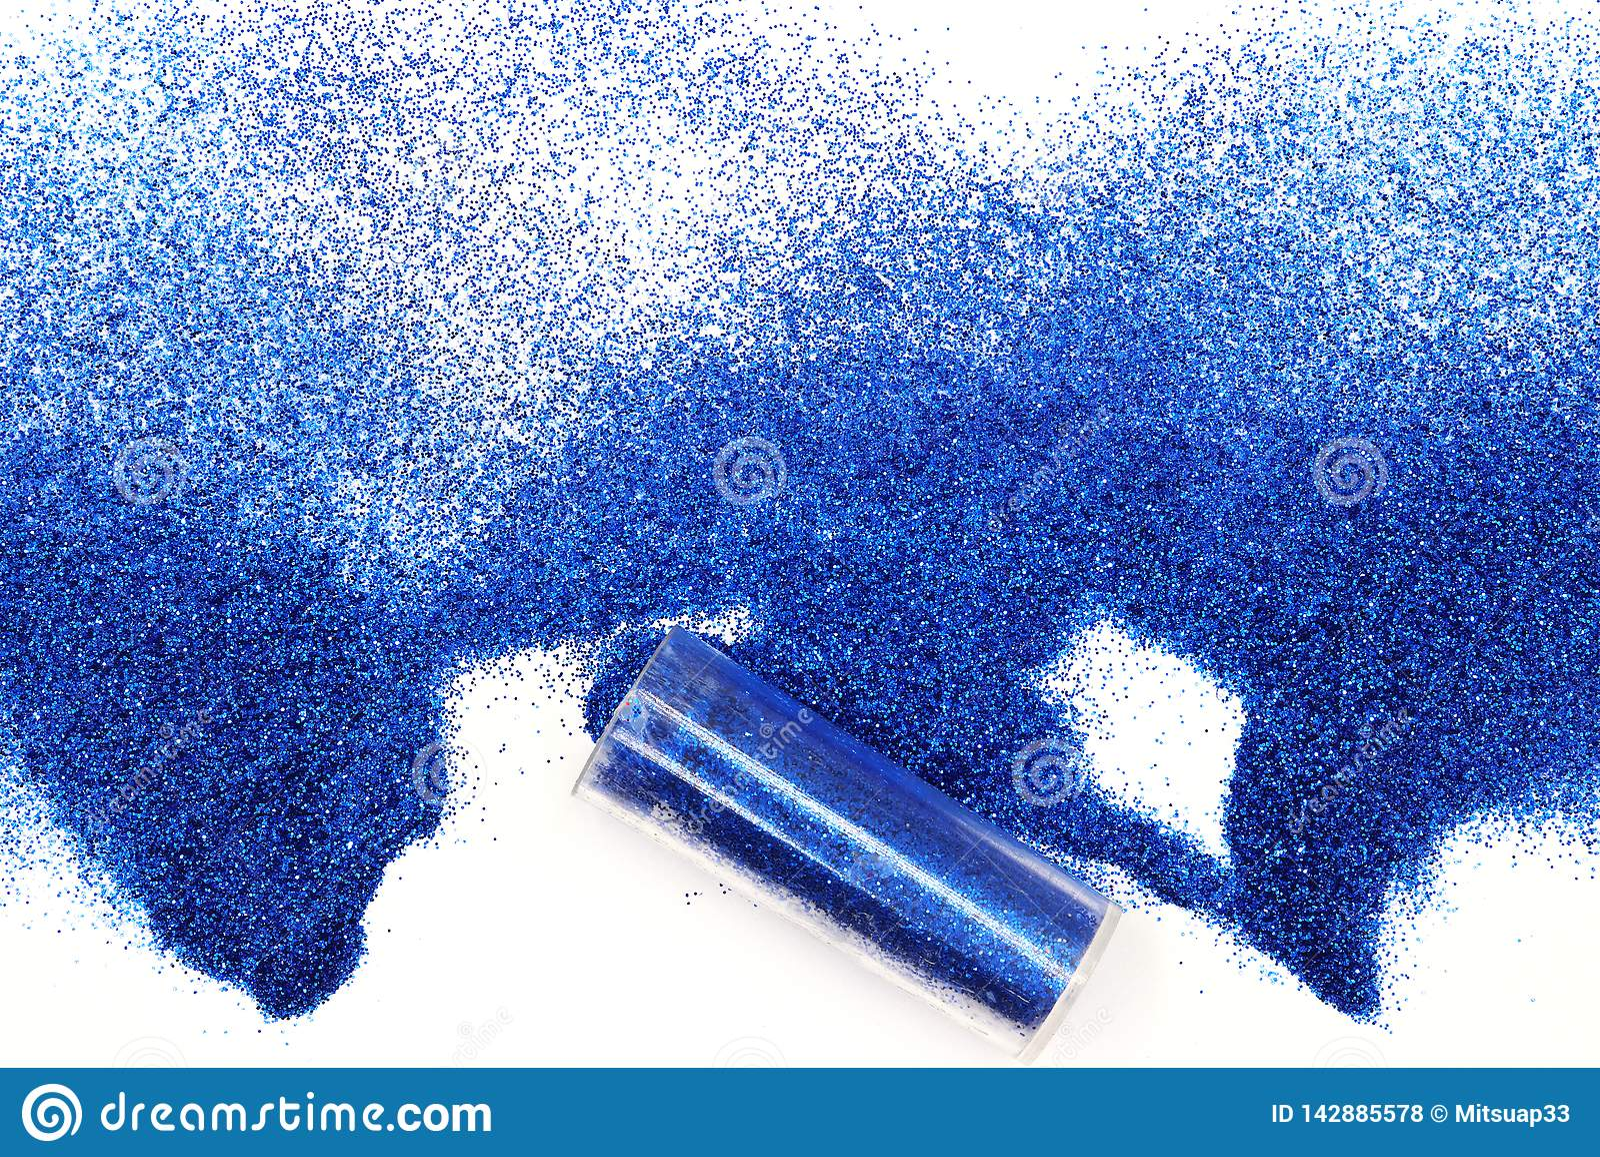 Frasco com o brilho azul derramado mágico, brilho azul celestial que derrama fora de um frasco isolado no fundo branco